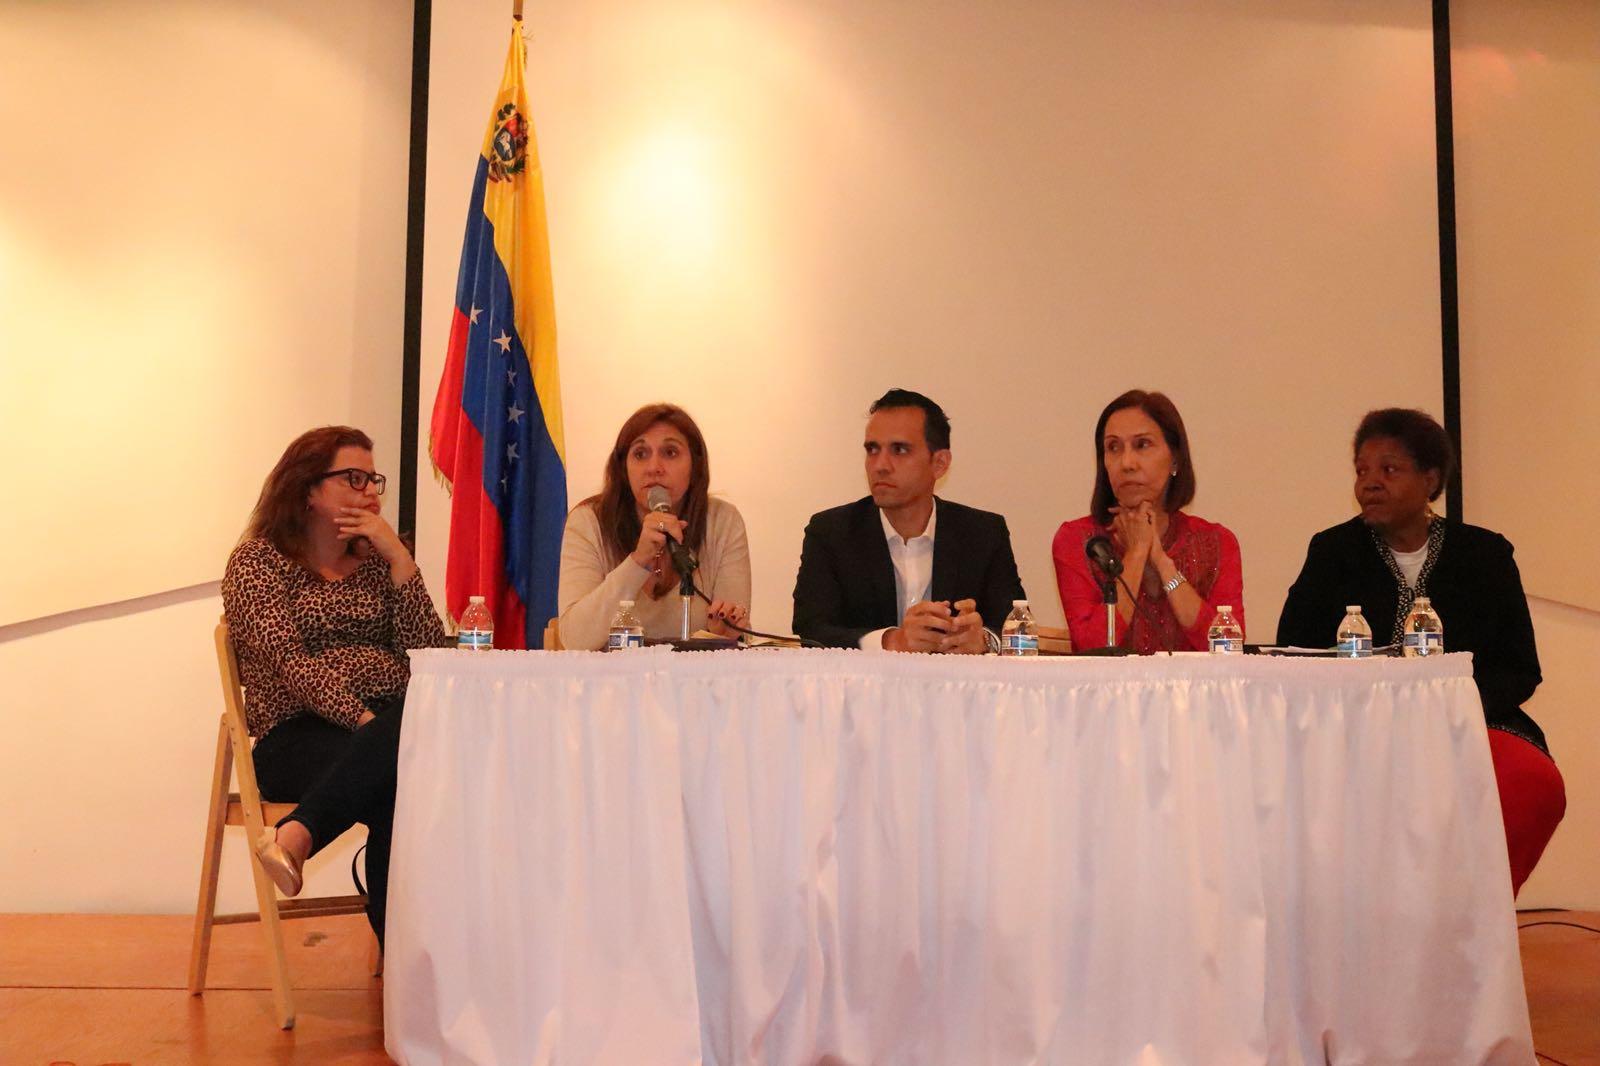 Sures y organizaciones sociales debaten en EEUU el impacto de las medidas coercitivas unilaterales hacia Venezuela